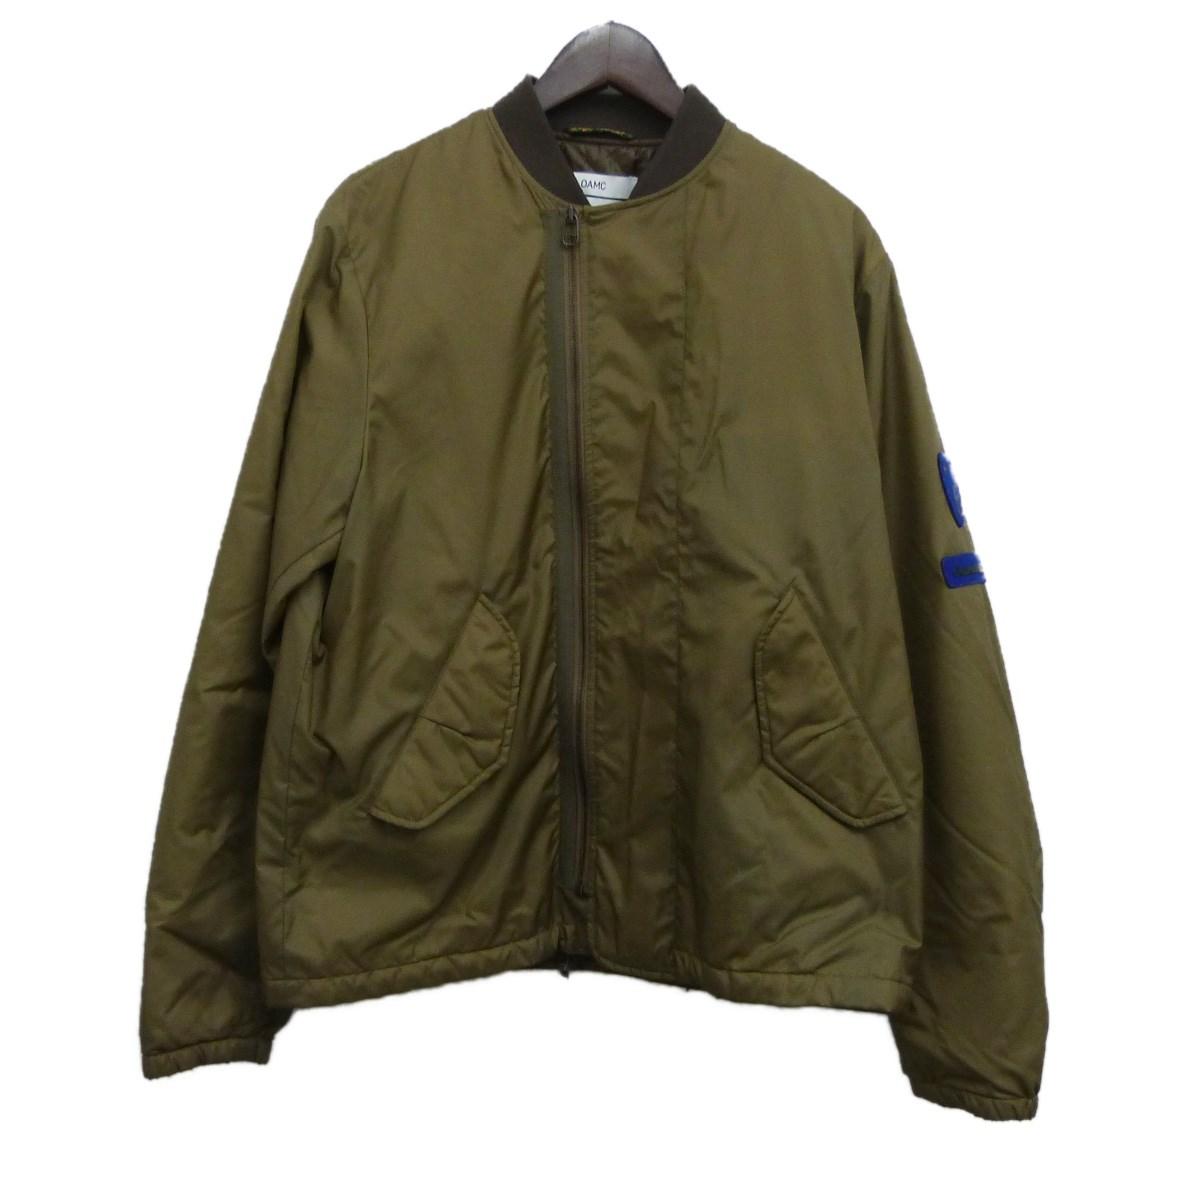 【中古】OAMC(OVER ALL MASTER CLOTH) フライトジャケット カーキ サイズ:M 【211119】(オーバーオールマスタークロス)